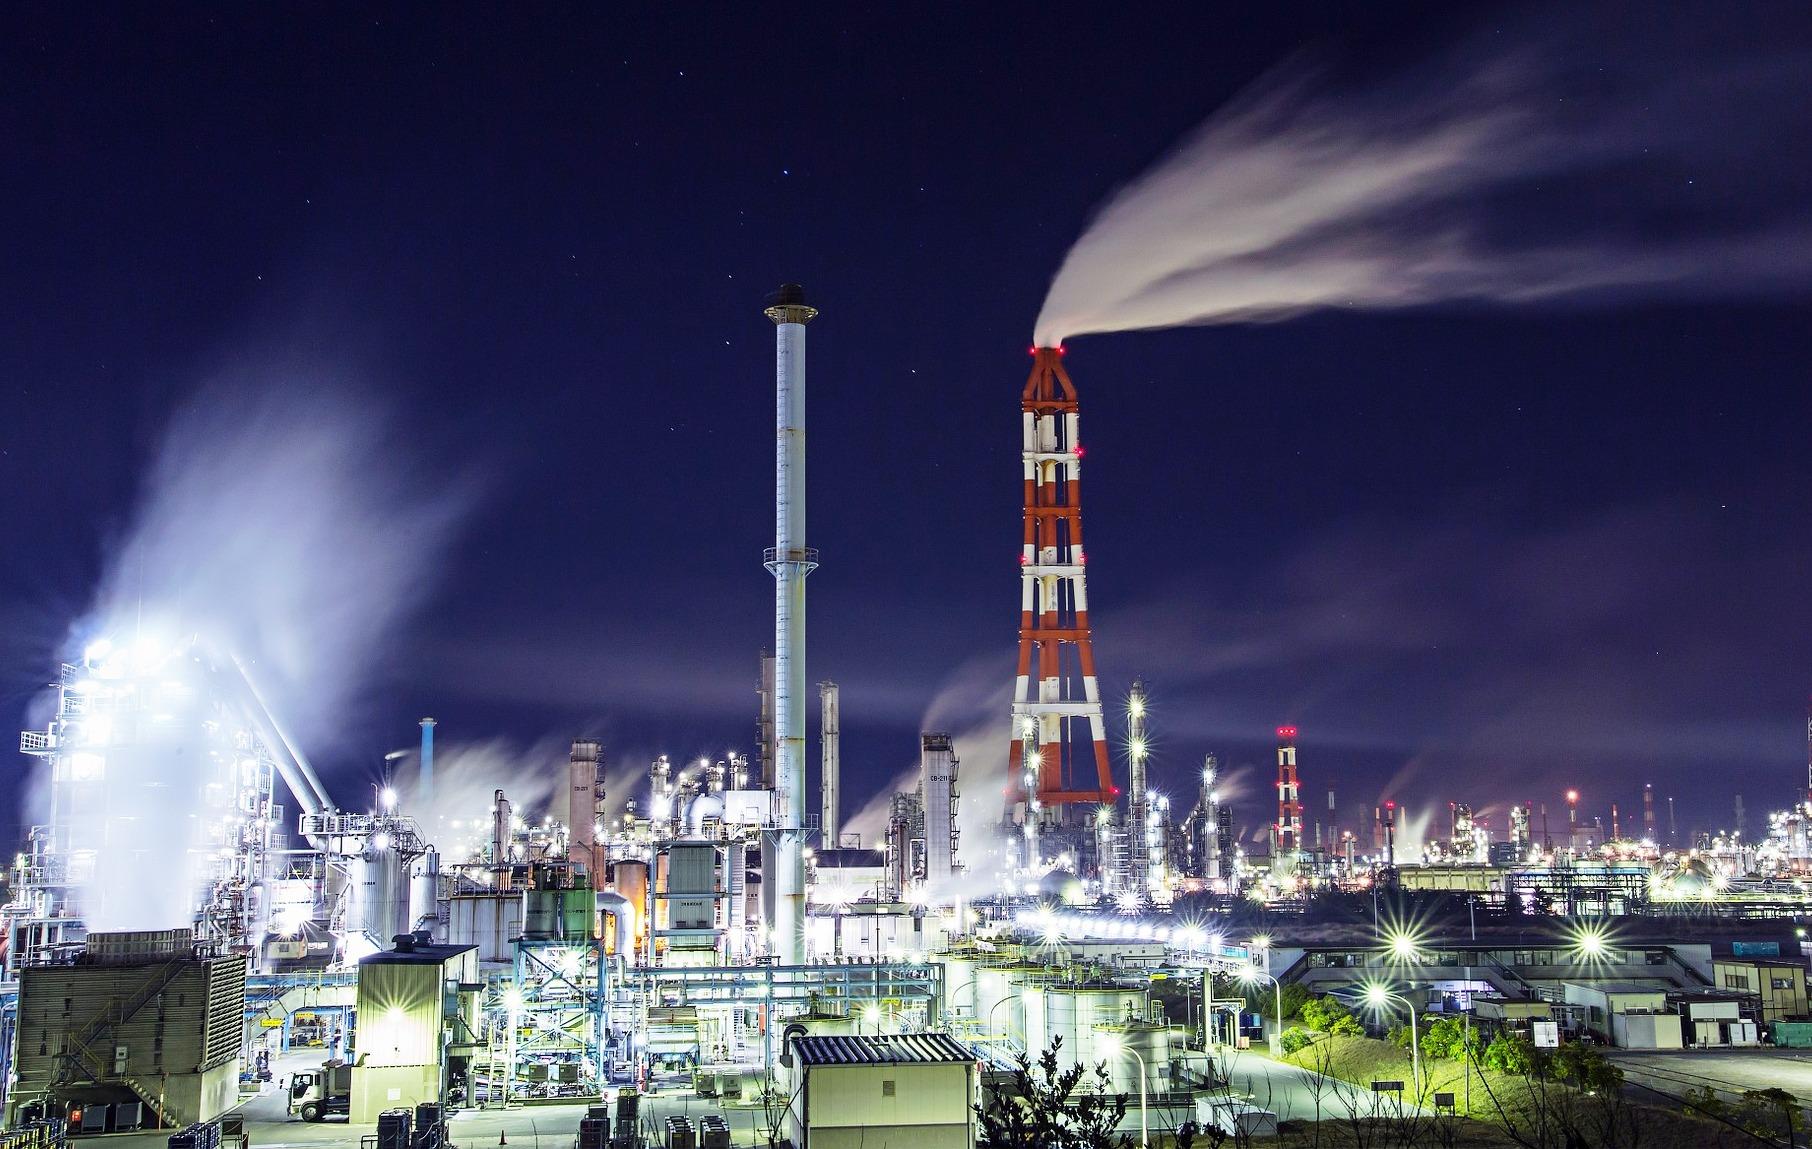 Категорирование объектов промышленности - компания Росбезопасность